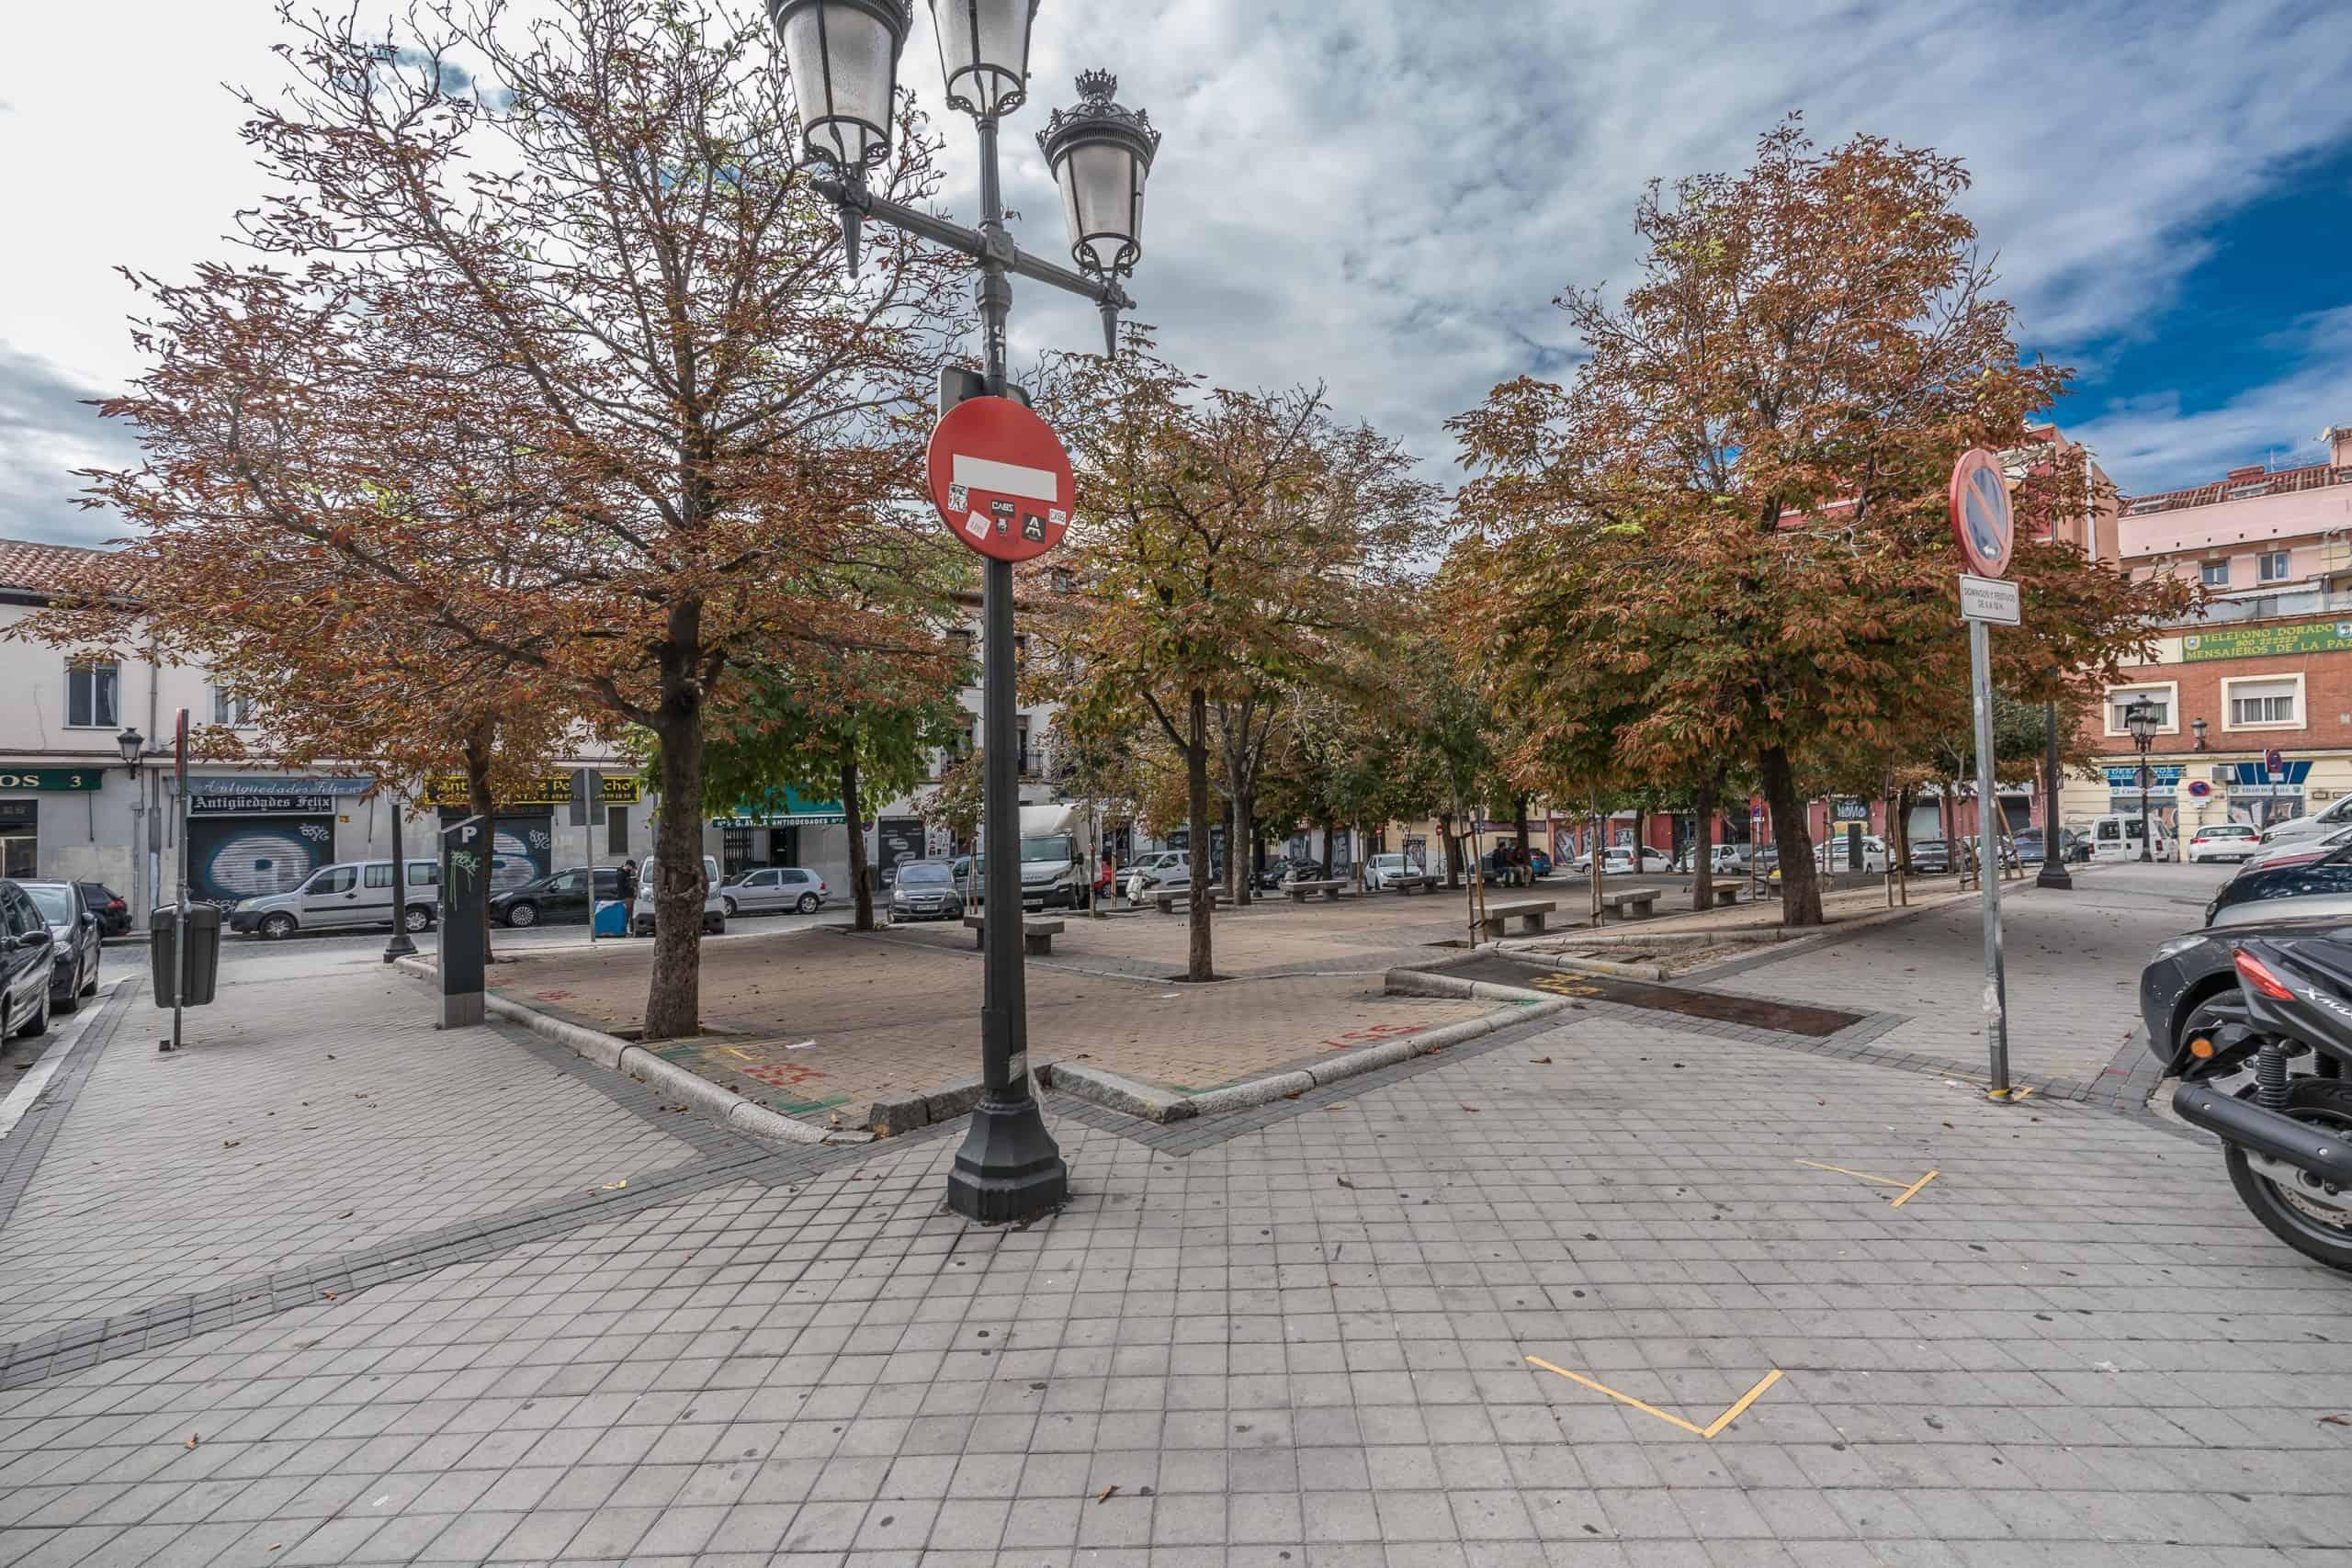 Agencia Inmobiliaria de Madrid-FUTUROCASA-Zona ARGANZUELA-EMBAJADORES-LEGAZPI -plaza General Vara del Rey- exterior (2)